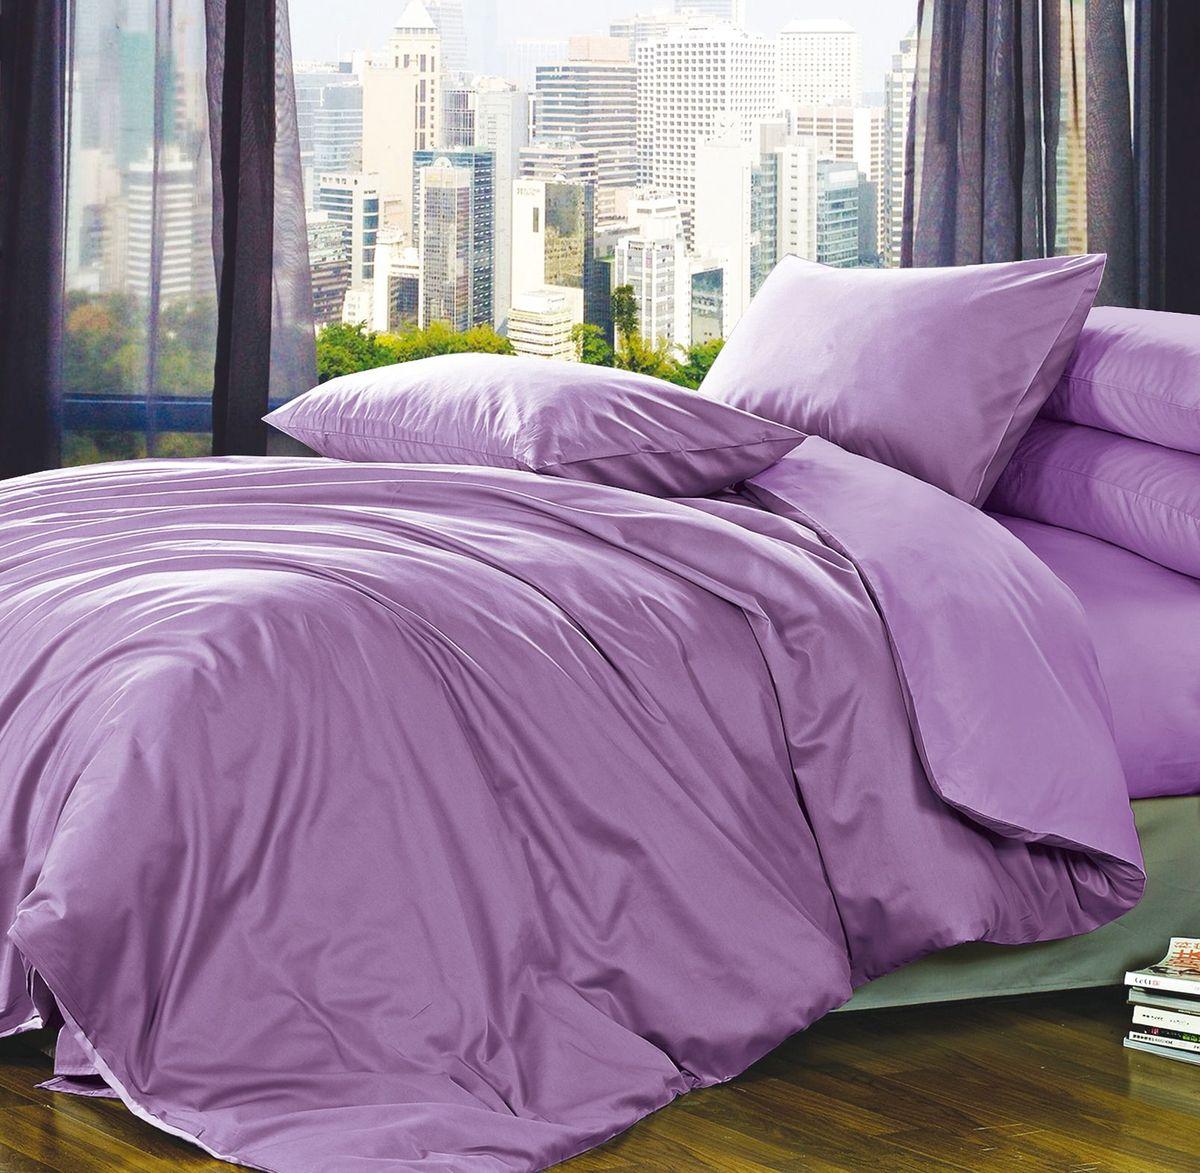 Комплект белья Коллекция Фиолетовый, 1,5-спальный, наволочки 70x70. ПС1.5/70/ОЗ/фПС1.5/70/ОЗ/ф